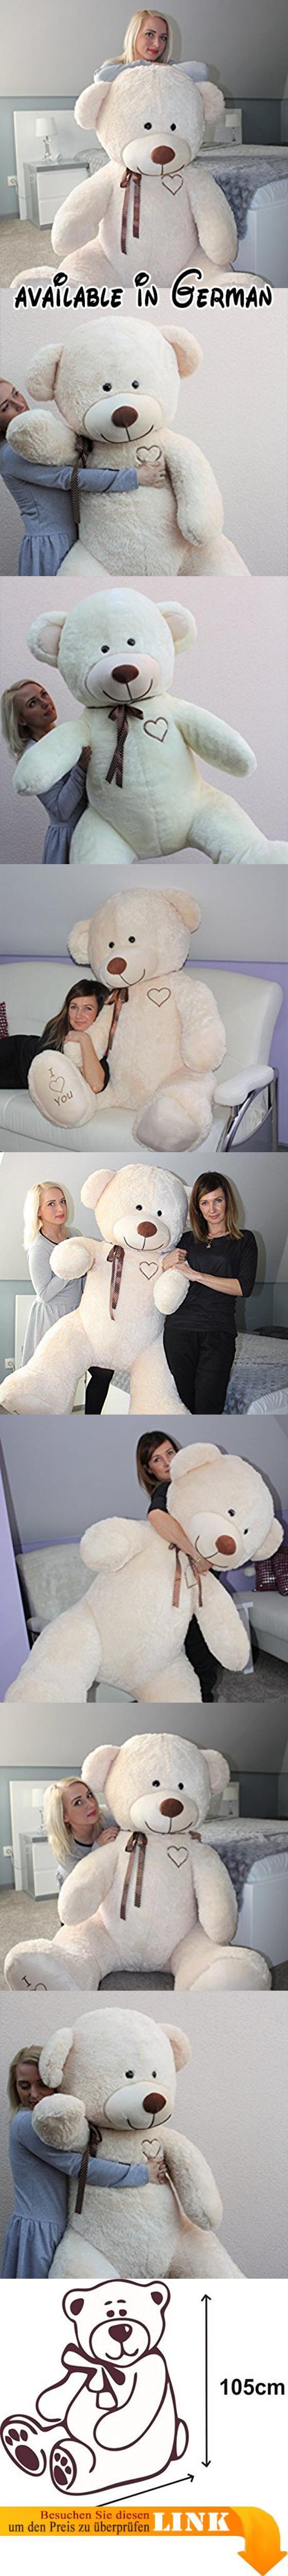 B01MU9NFGM : Teddybär Plüschbär Kuscheltier Stofftier Schmusebär ...